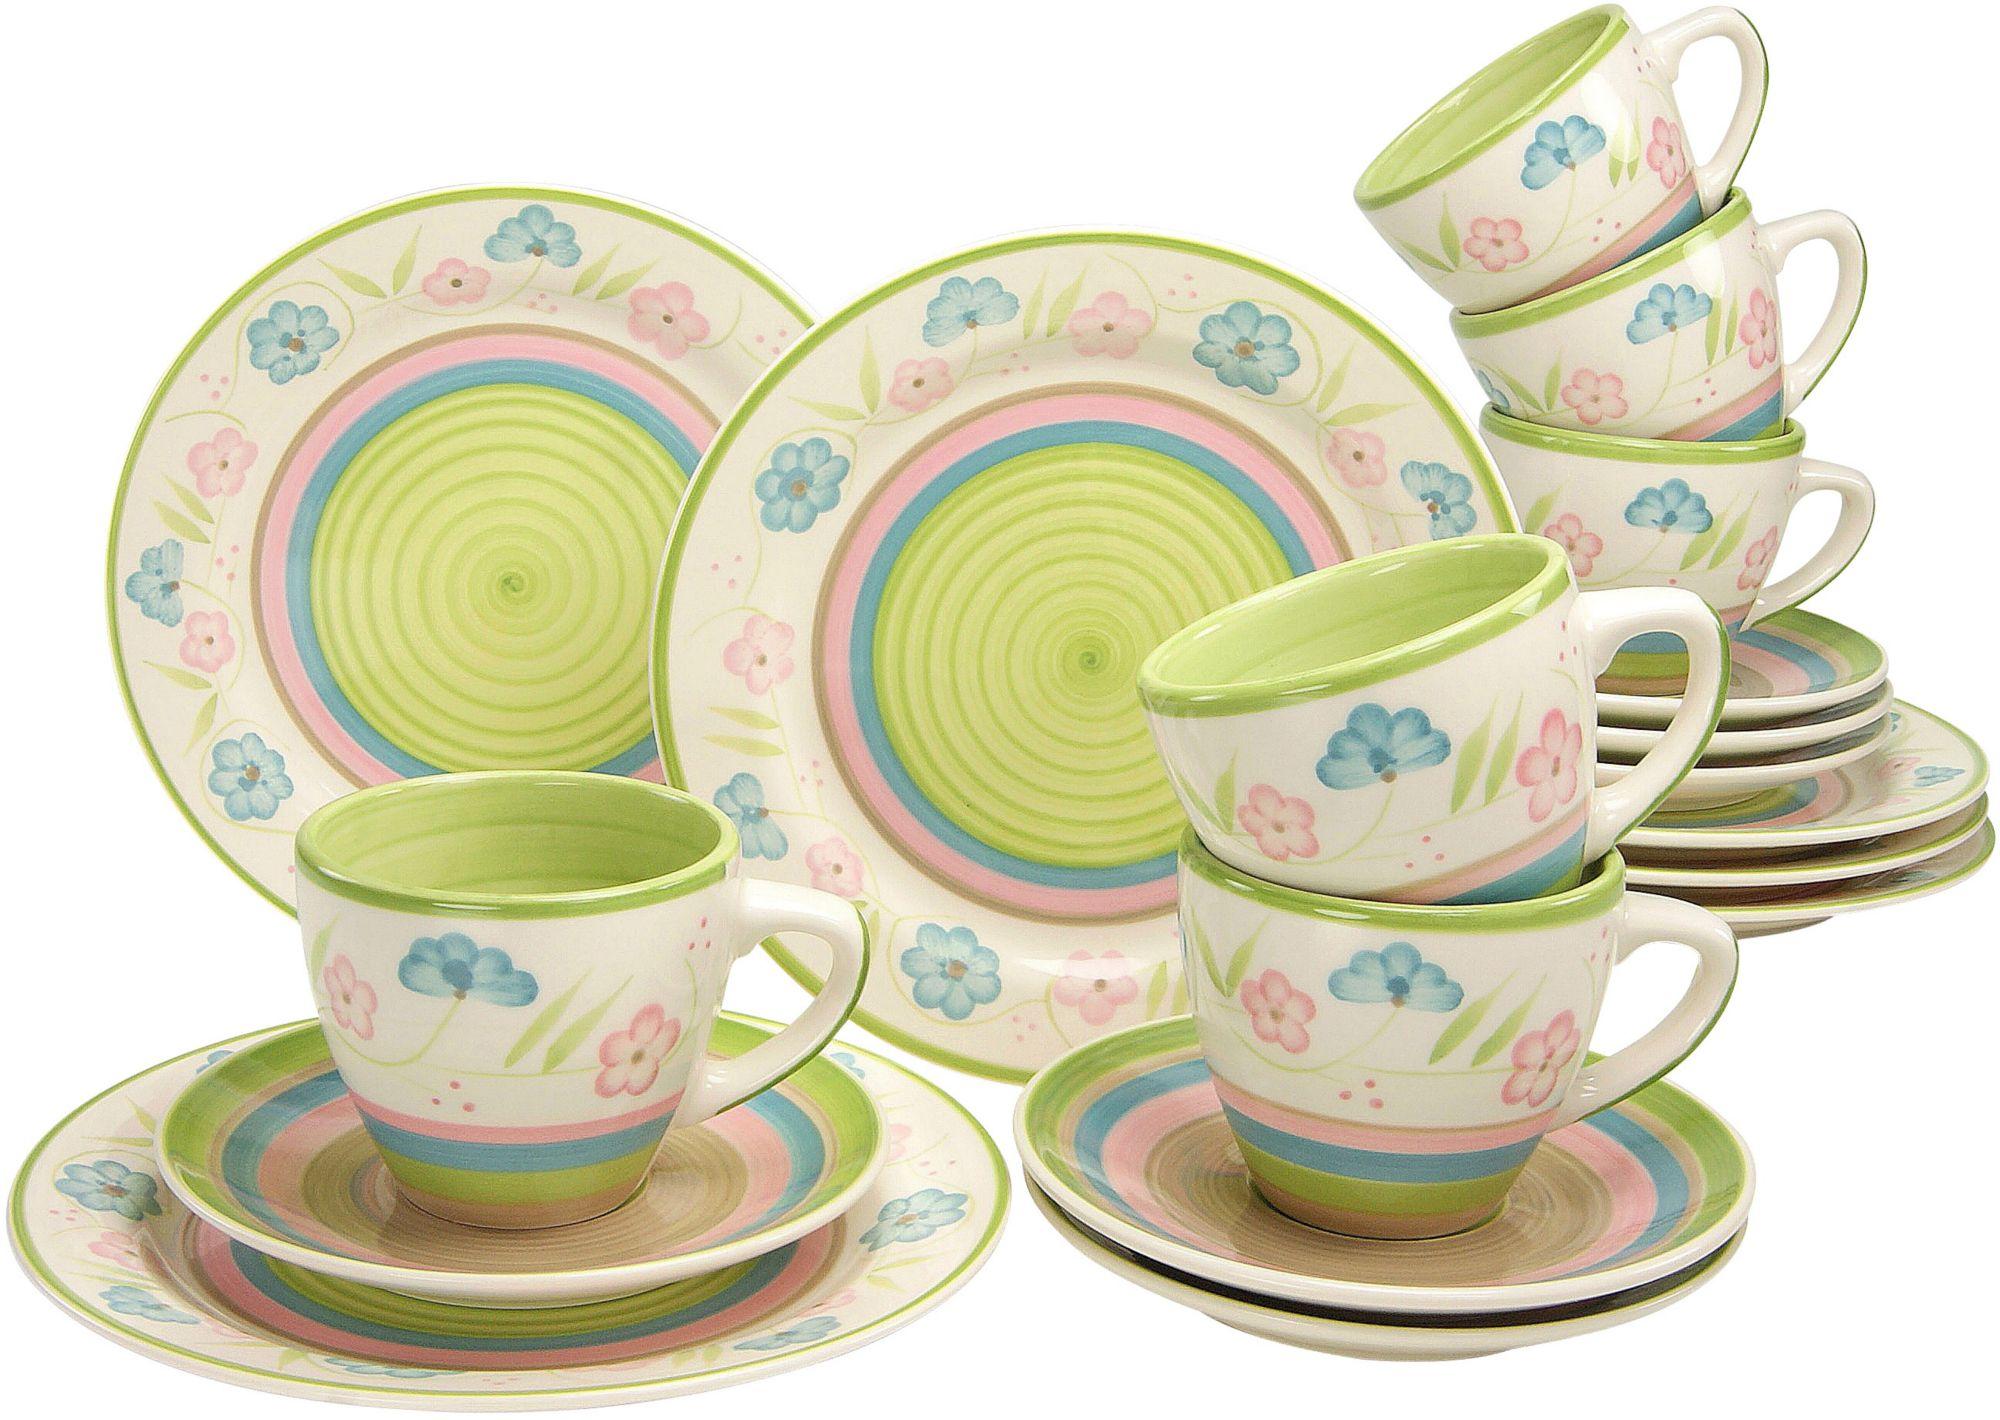 CREATABLE CreaTable Kaffeeservice, Steingut, 18 Teile, »Flower Serenade Pastell«